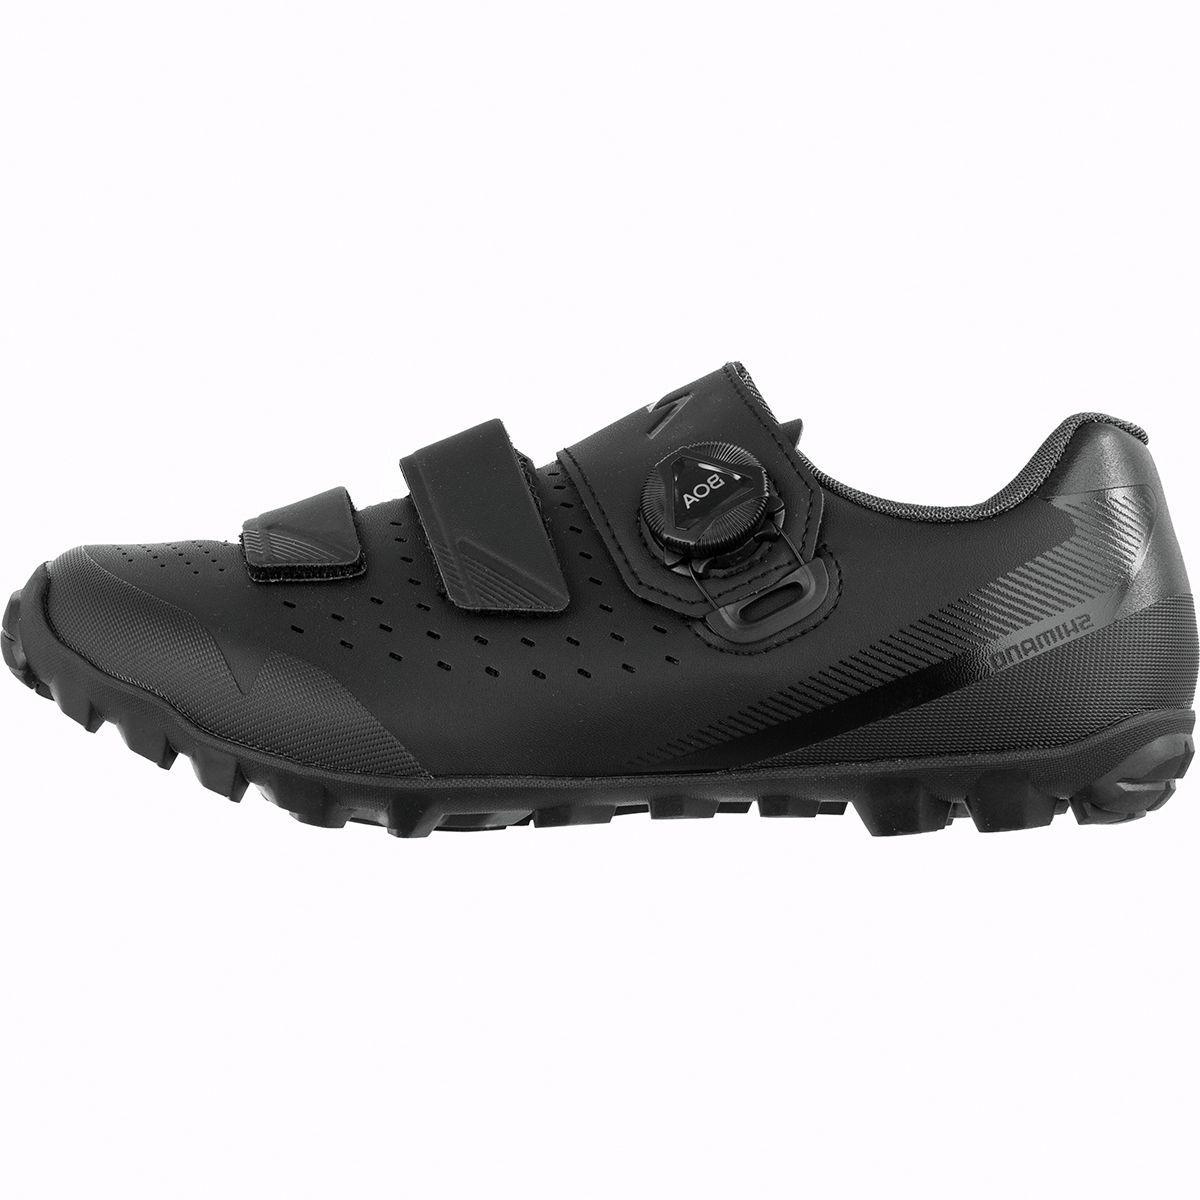 Shimano SH-ME4 Cycling Shoe - Men's